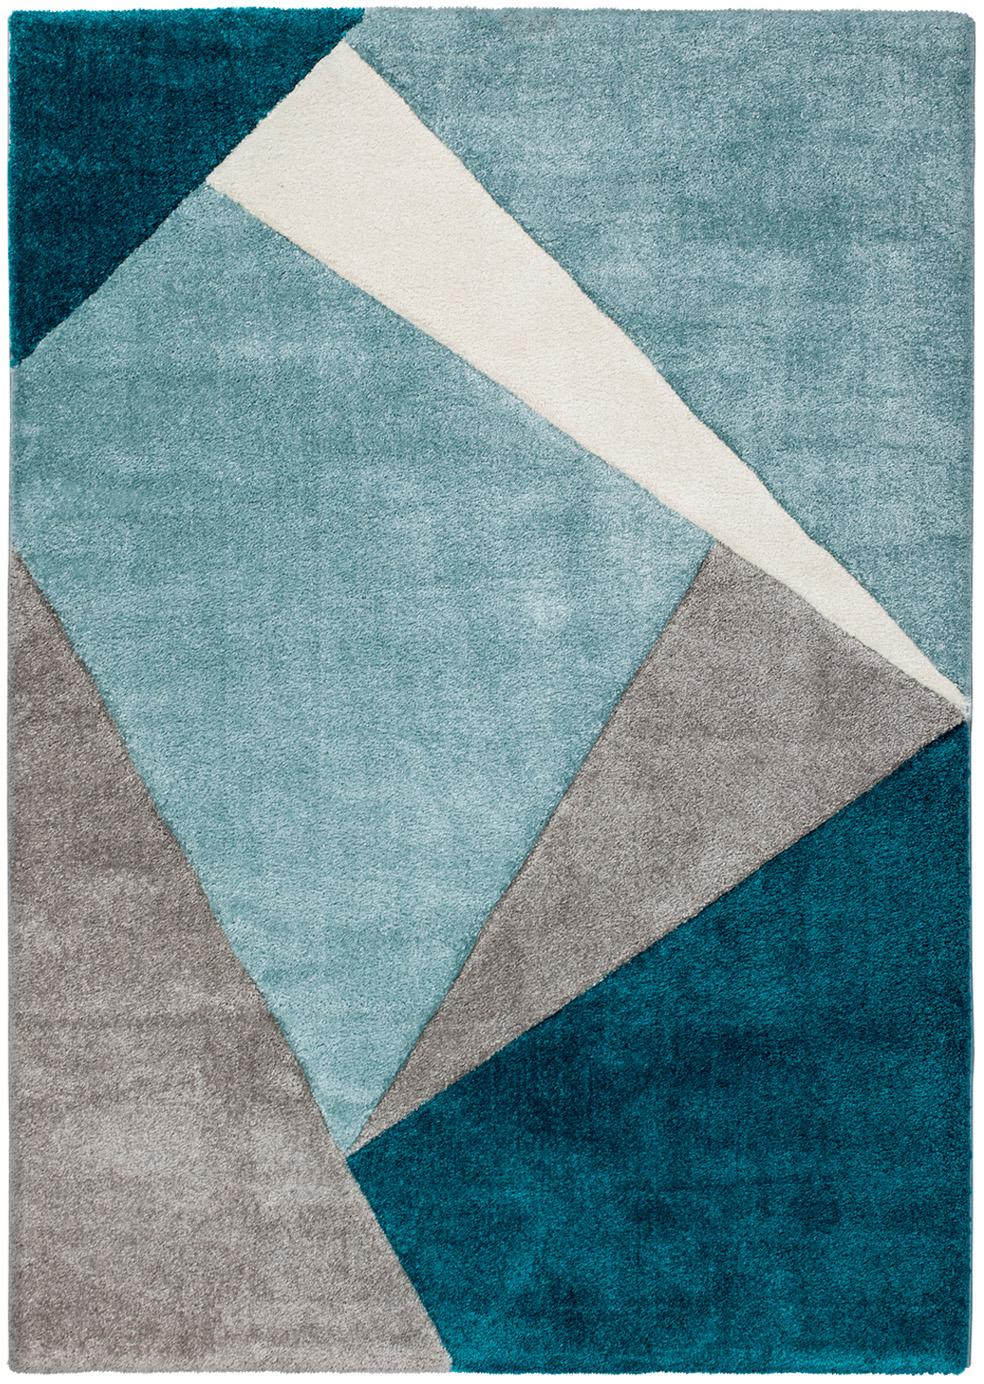 Dywan My Broadway, Odcienie niebieskiego, beżowy, kremowy, S 120 x D 170 cm (Rozmiar S)